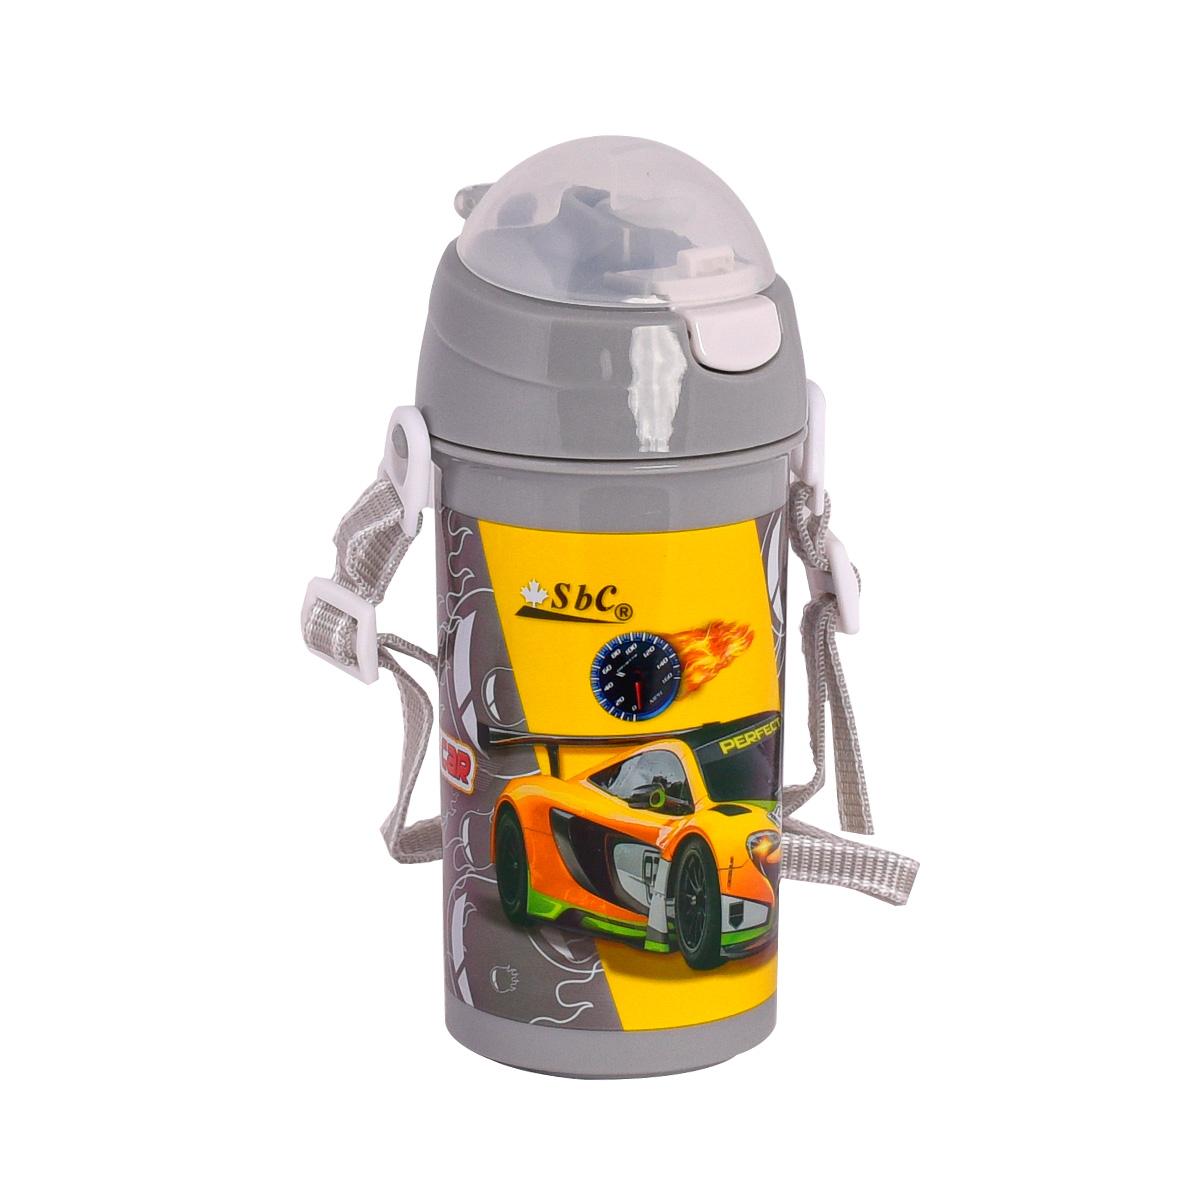 قارورة ماء مدرسية بلاستيكية لاطفال الروضه - سبيد كار 4927-146